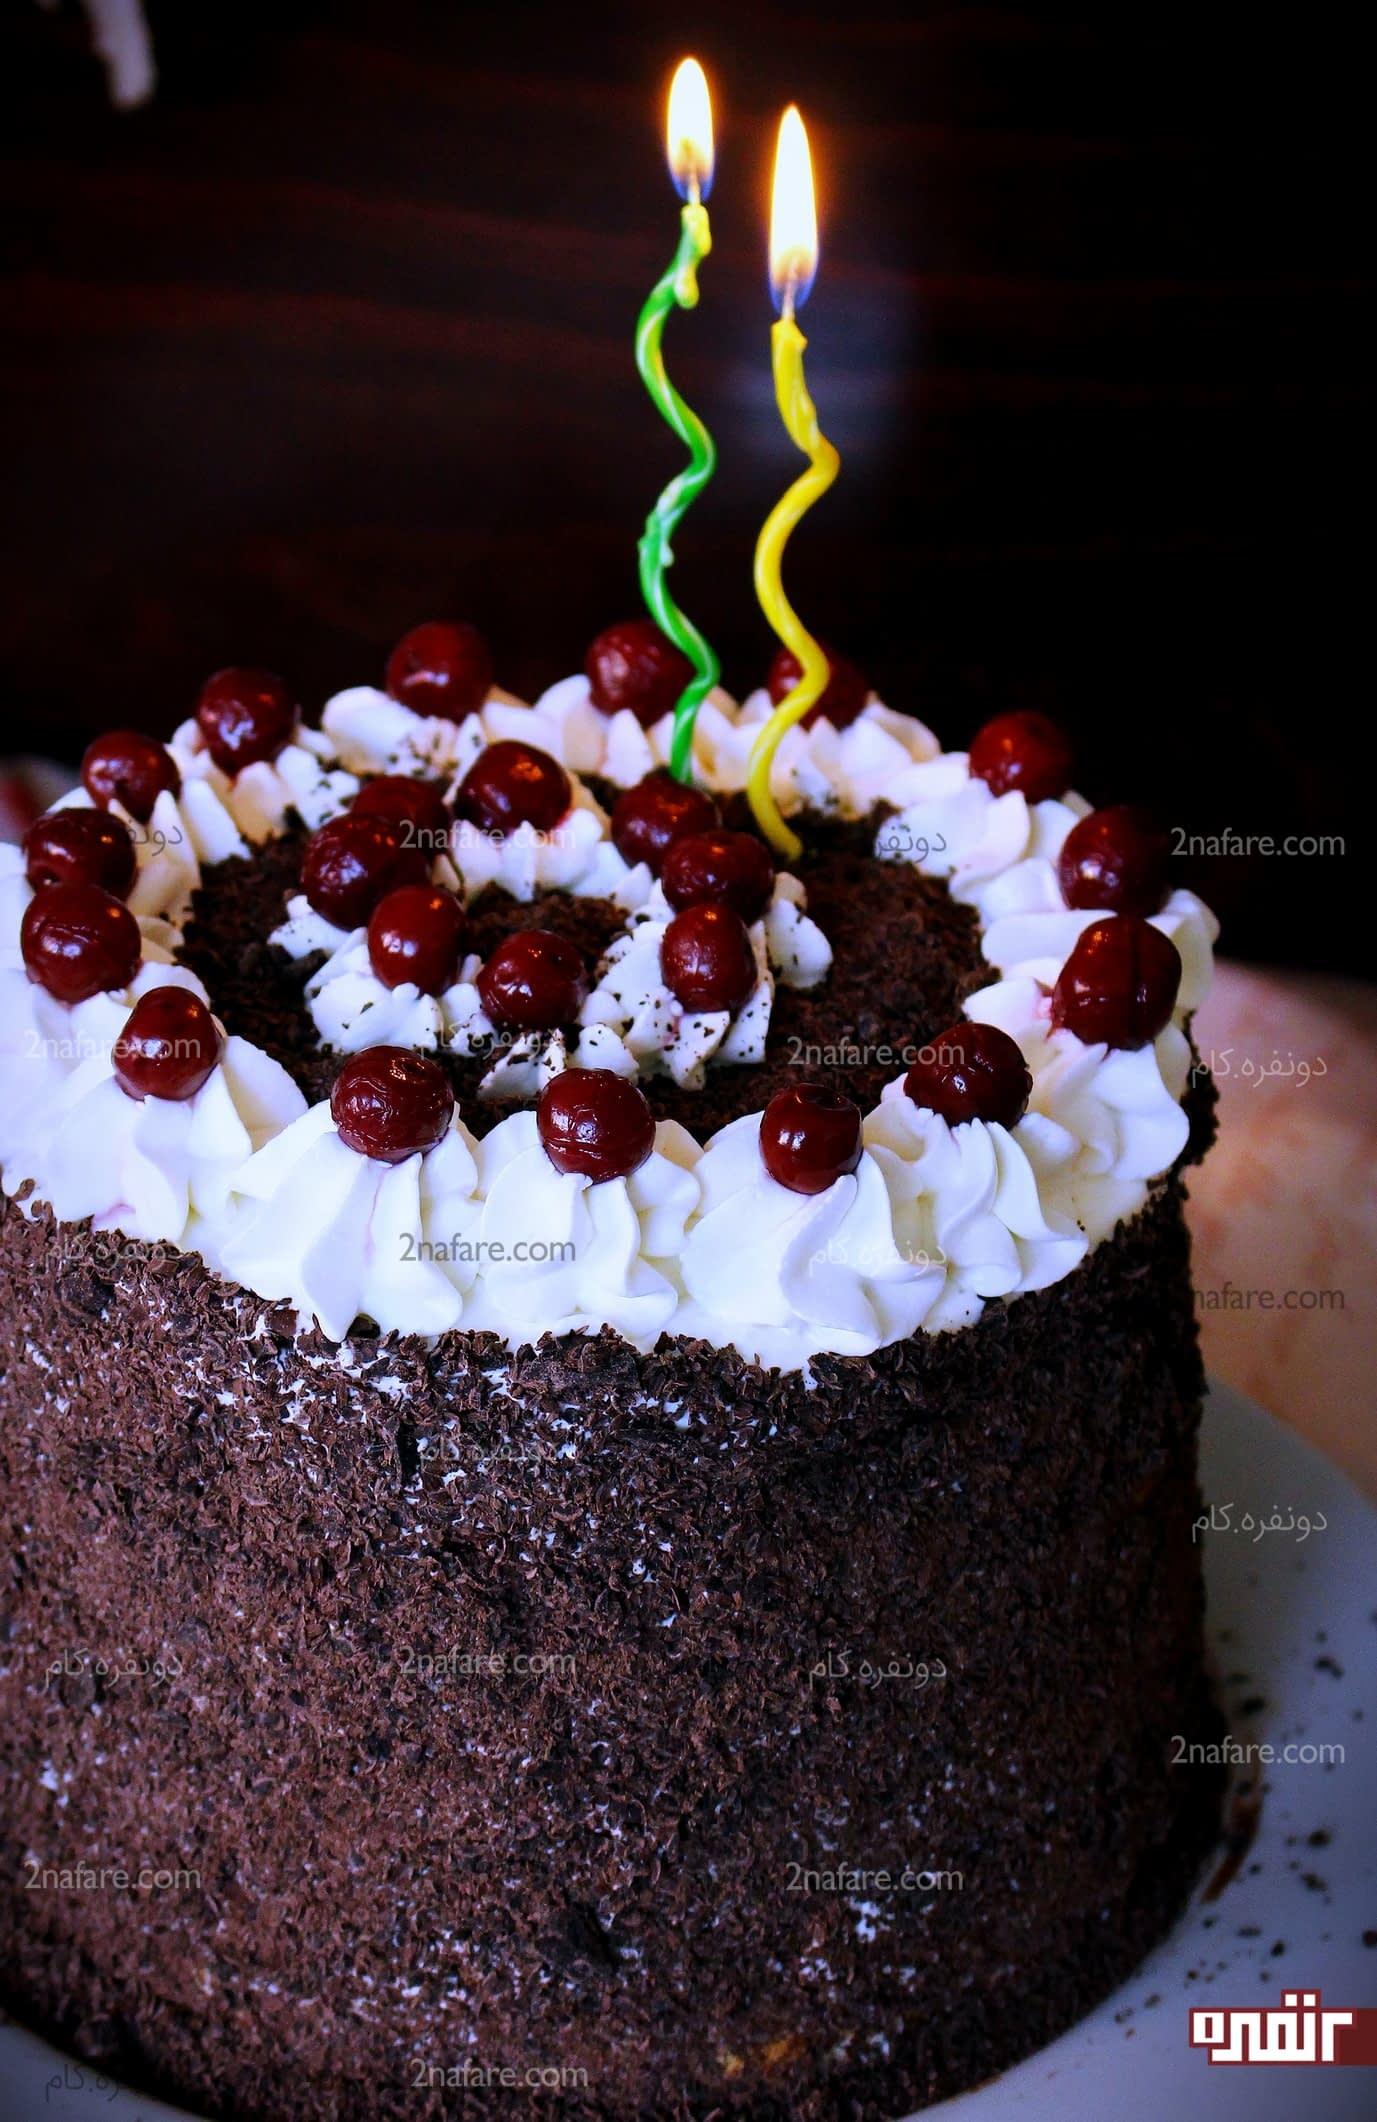 کیک با نام مهسا تزیین کیک خامه ای ساده و زیبا به سبک کیک جنگل سیاه • دونفره